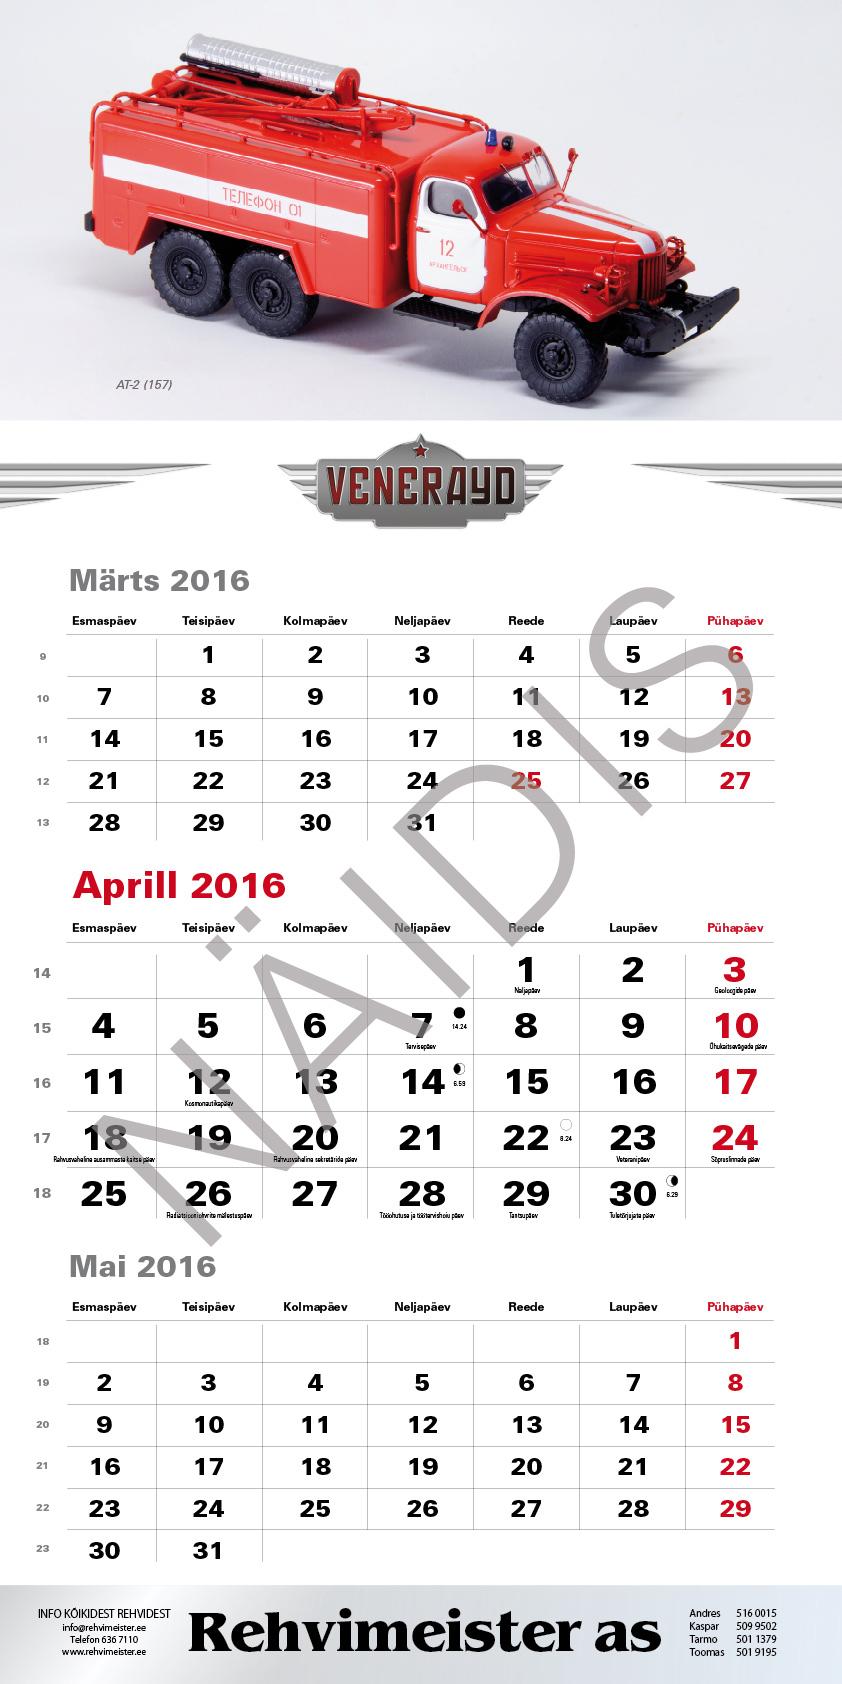 Veneraud_kalender_2016_5